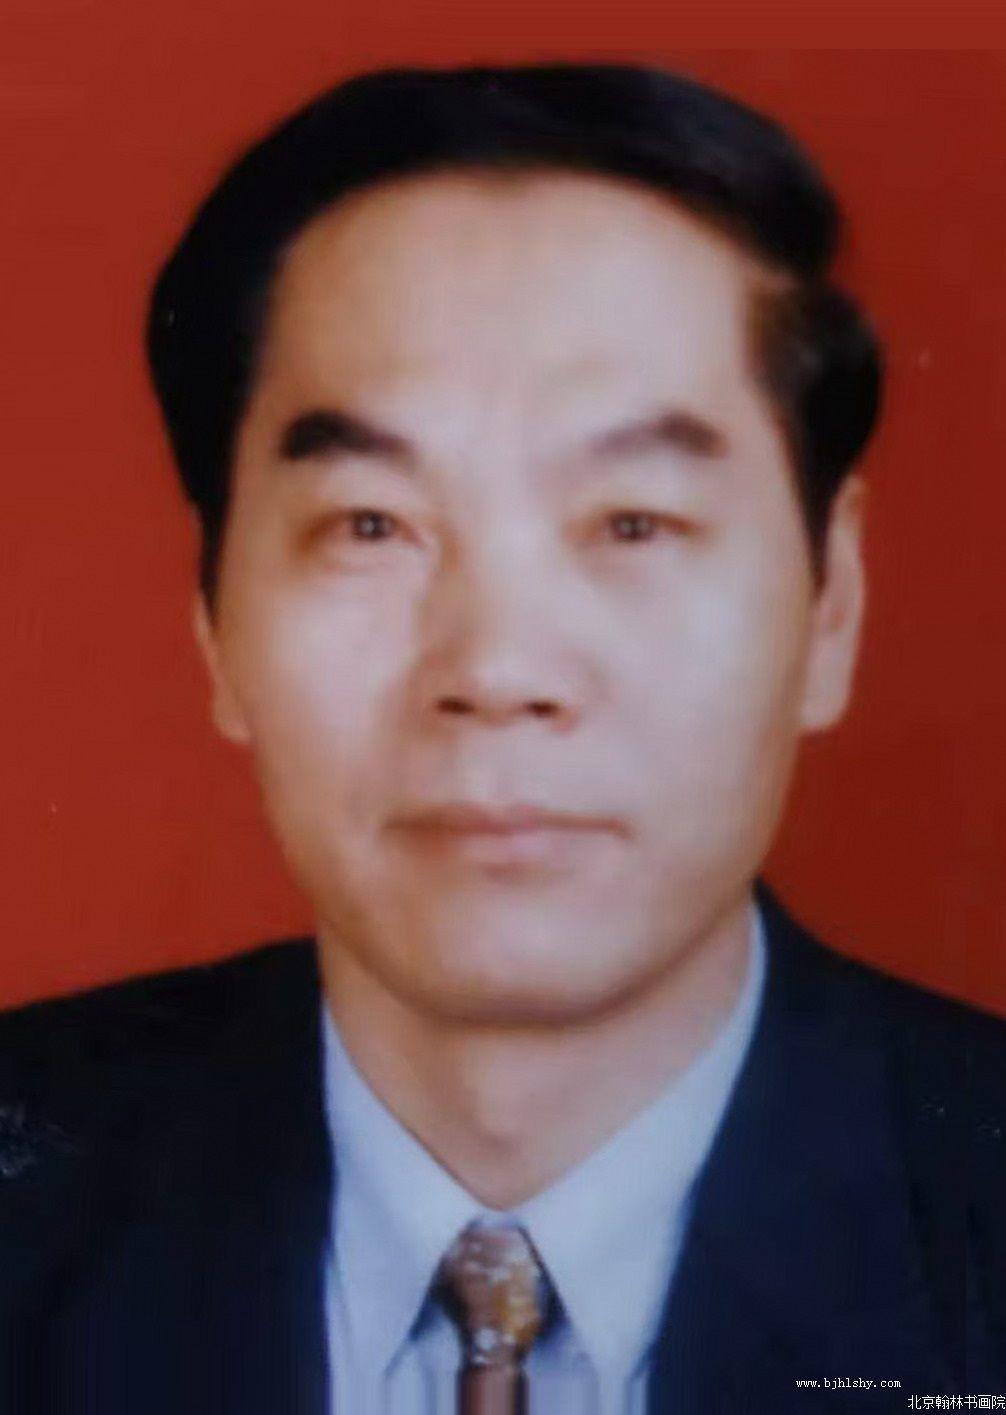 王春杰,北京翰林书画院安阳分院秘书长